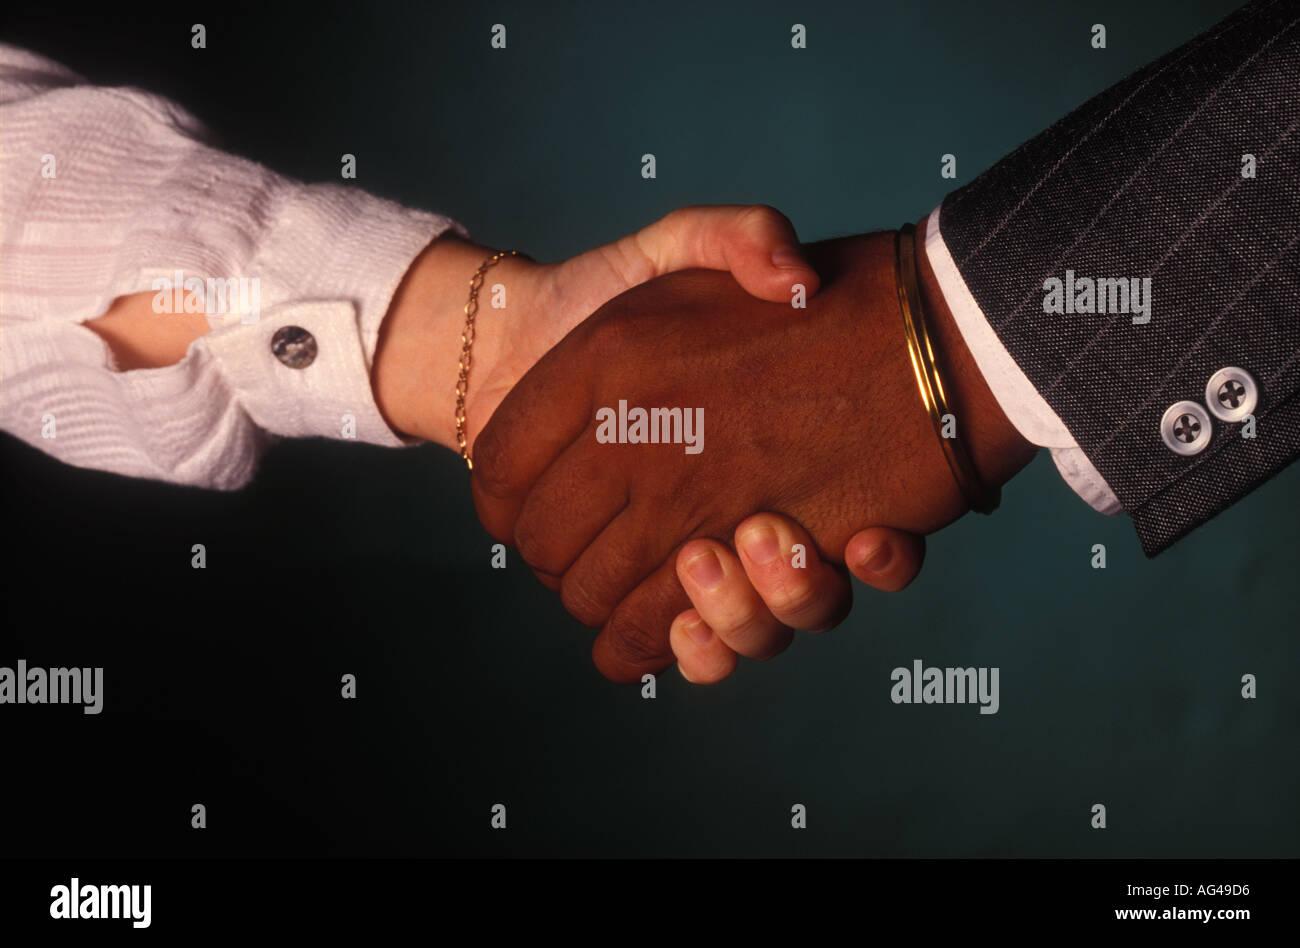 Handshake betwwn white female and black man 1795 Stock Photo